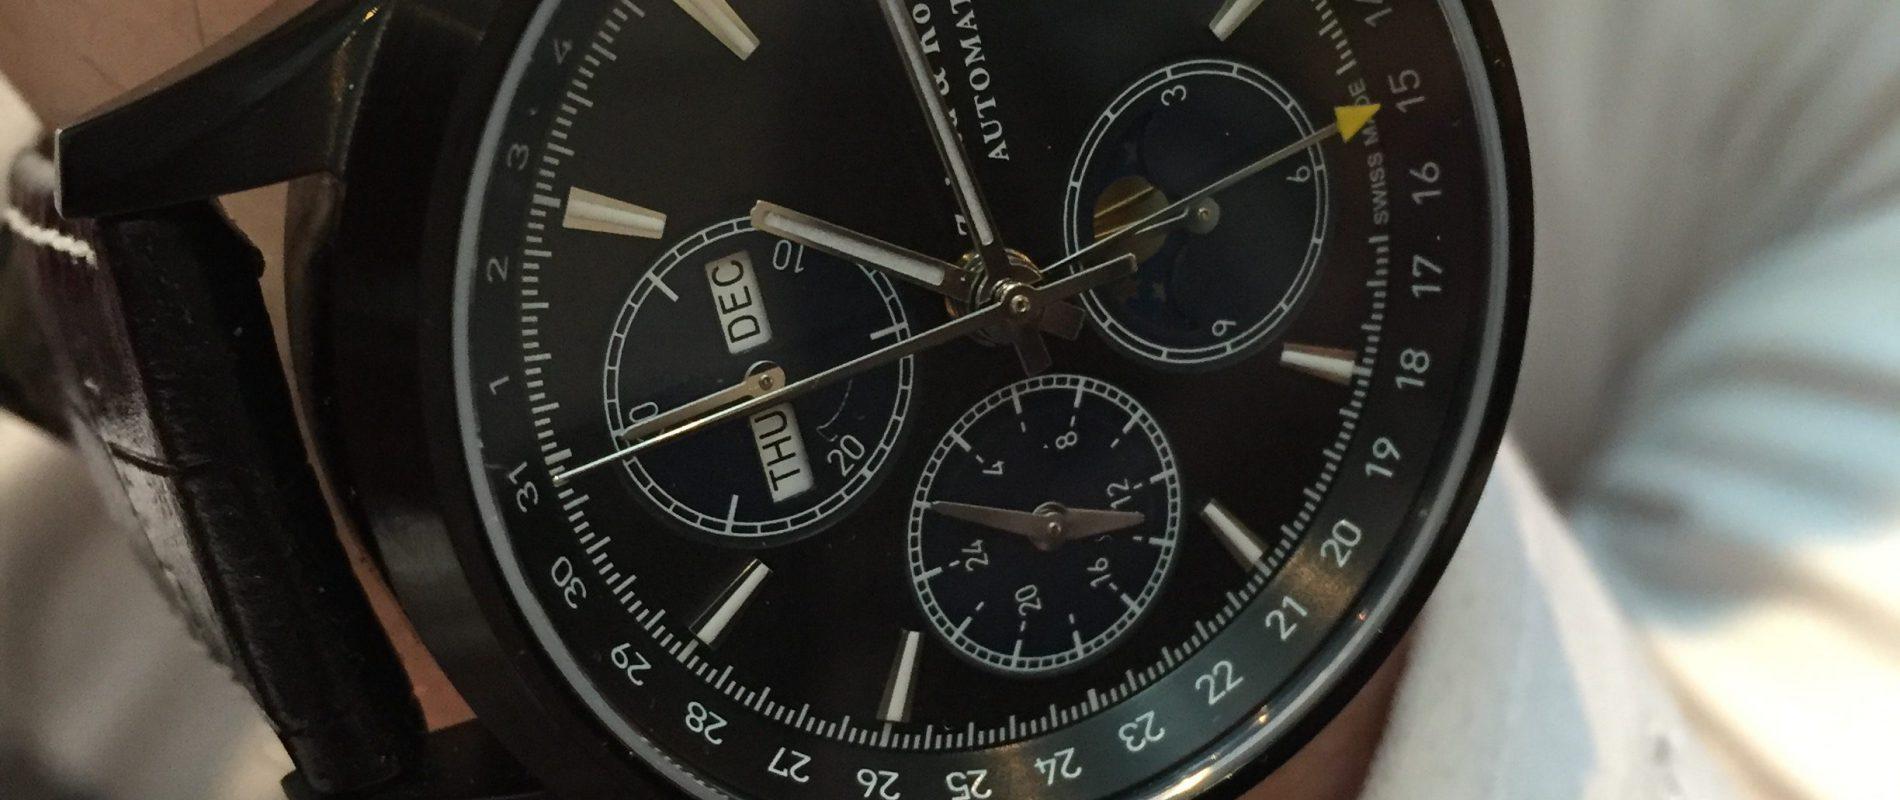 ZK No.1 Black Moon ETA Valjoux 7751